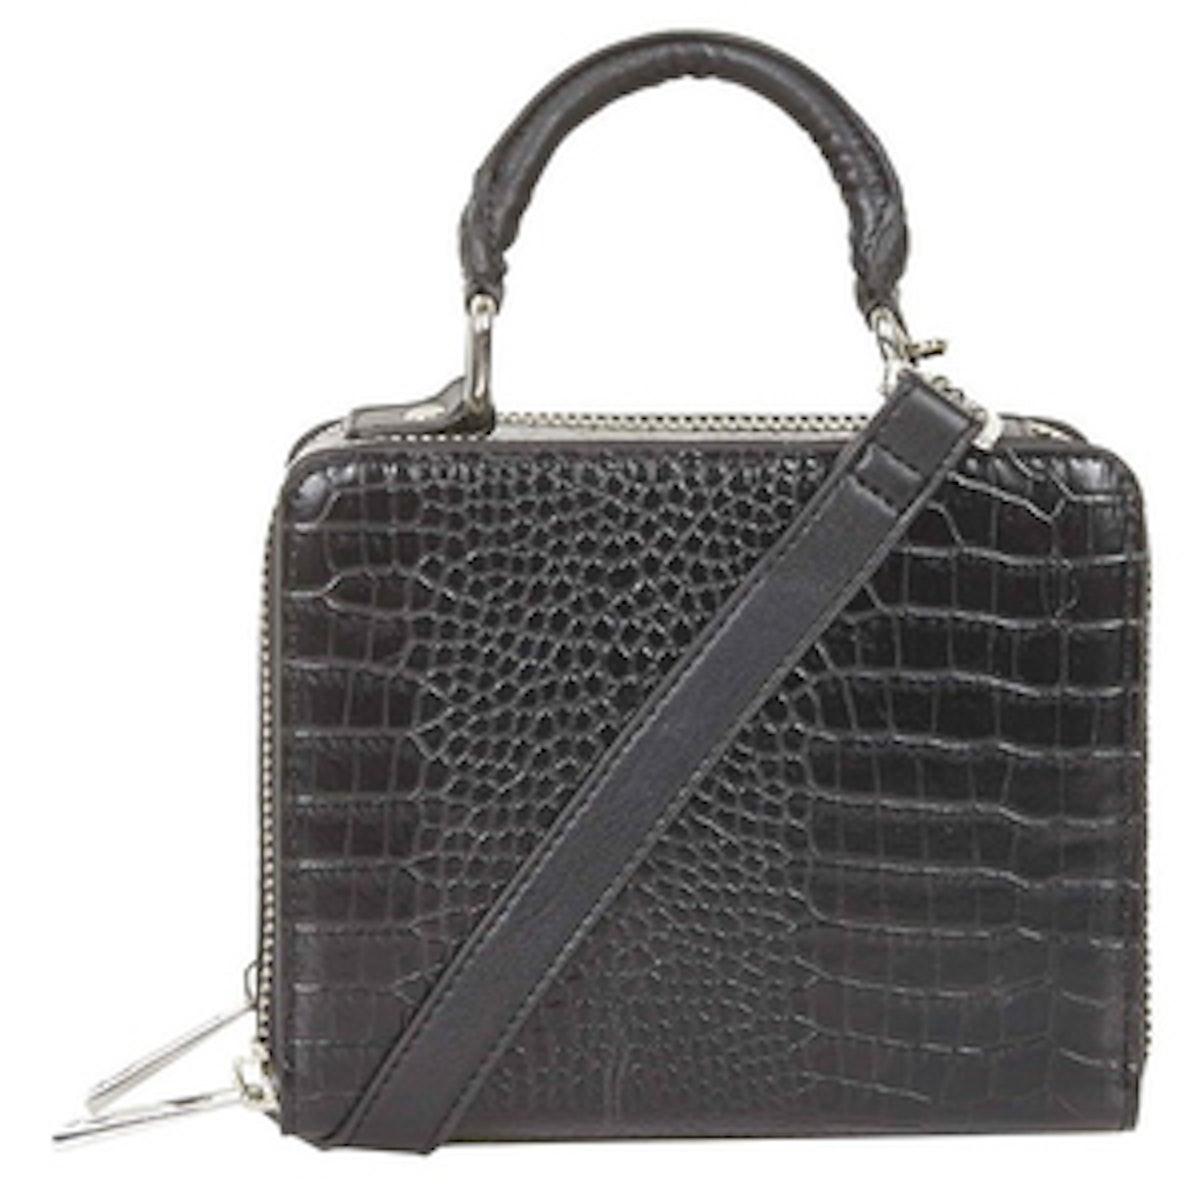 Croc Effect Box Bag